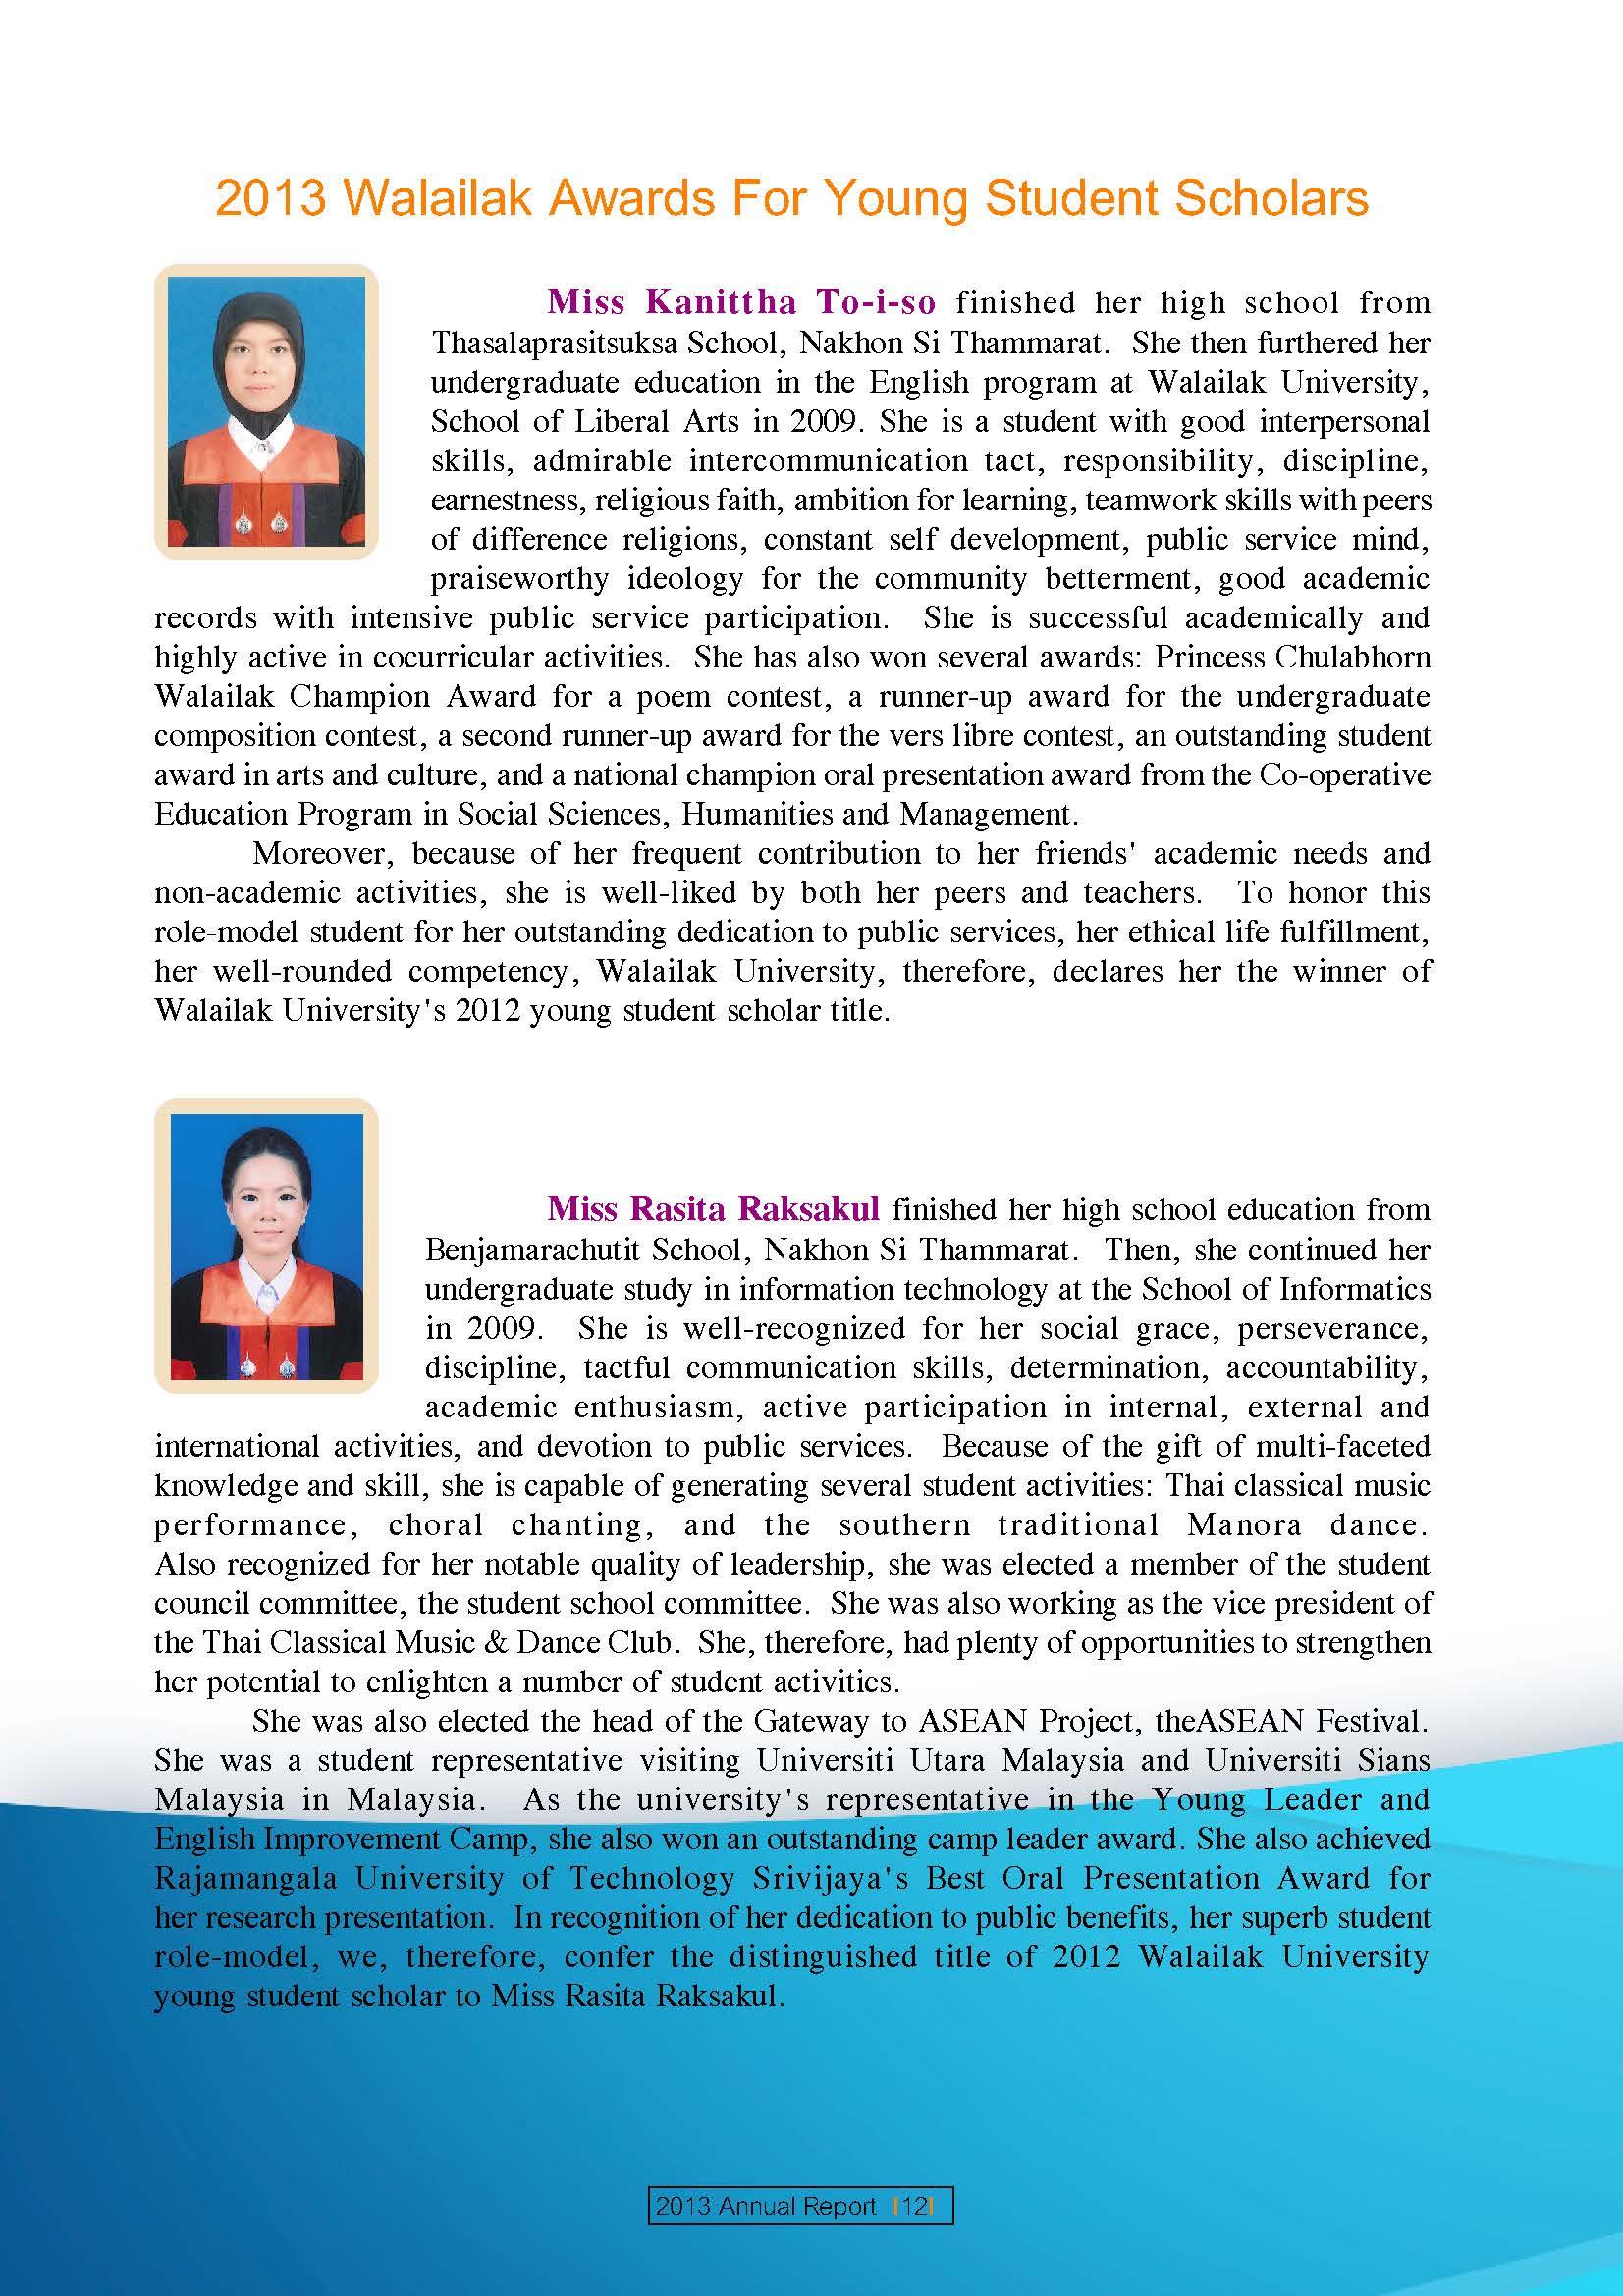 รายงานประจำปี2013ภาษาอังกฤษ_Page_12